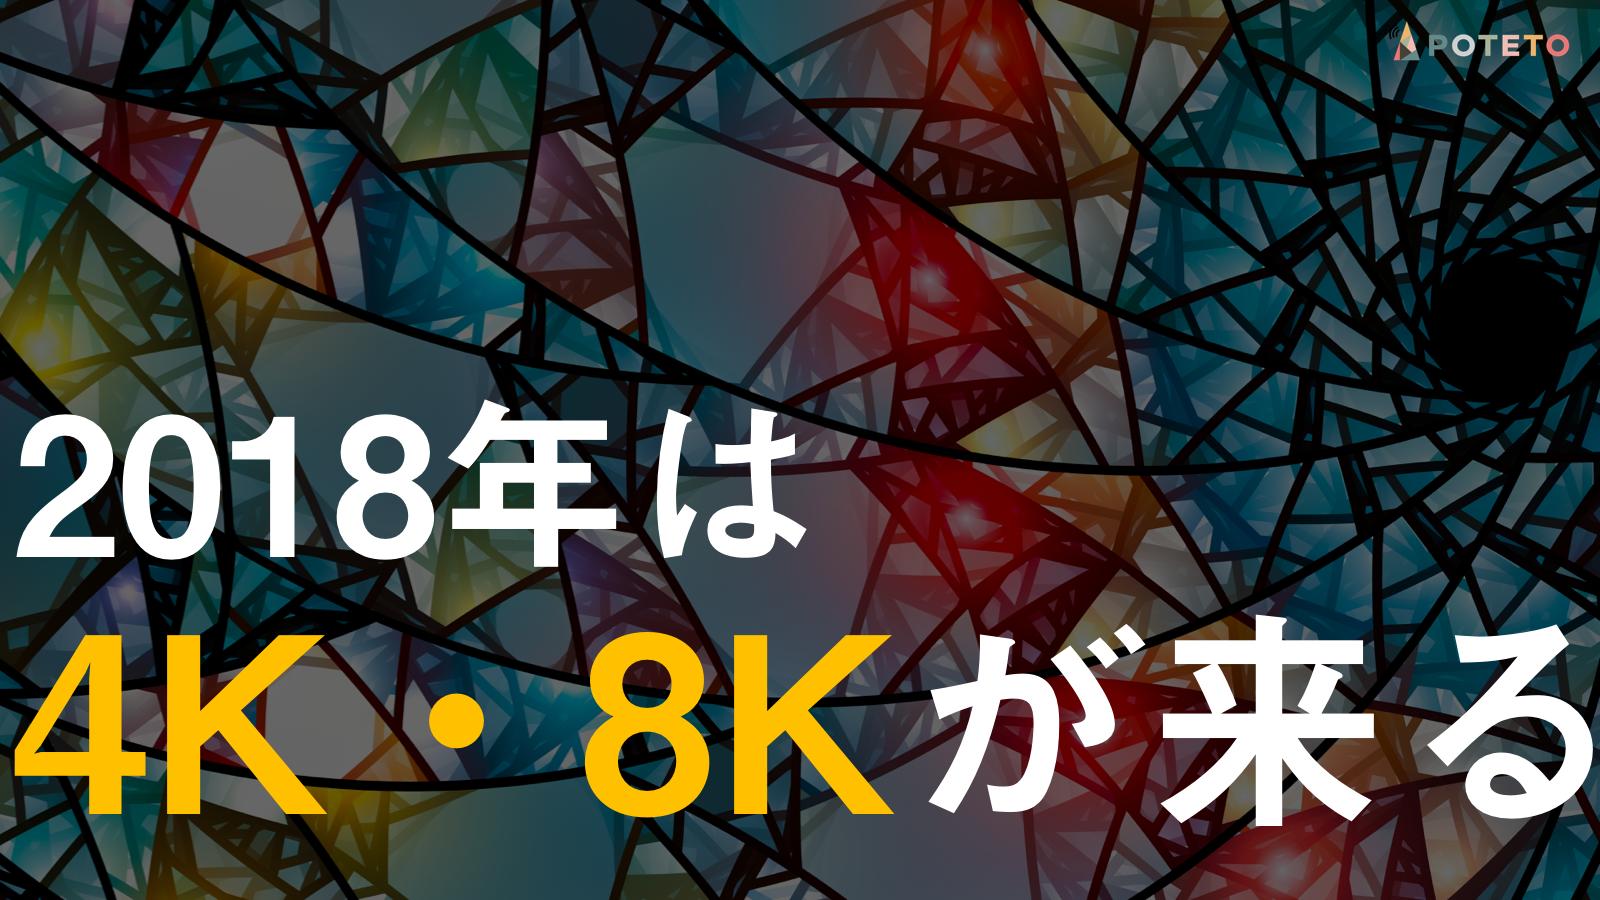 20180110 1 - 今年は4K/8Kが来る!